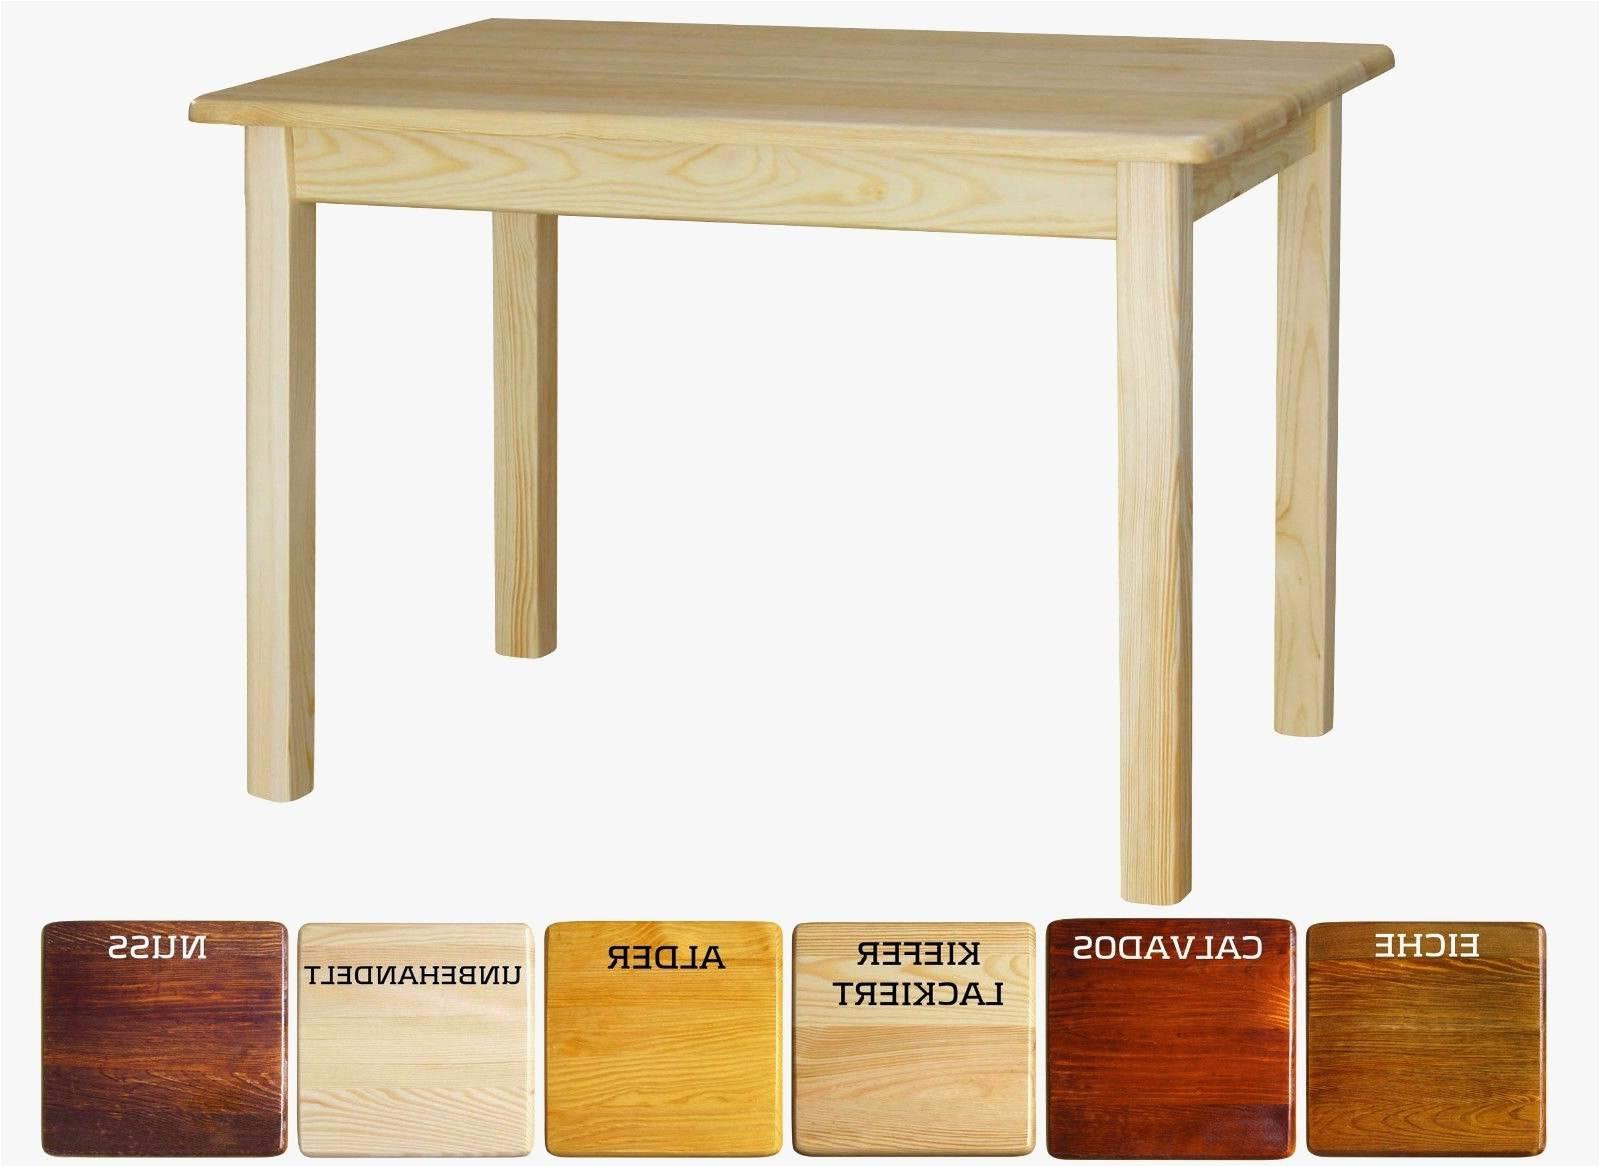 Küchentisch Hoch Mit Barhocker Xxl Esstisch Ikea Weiß